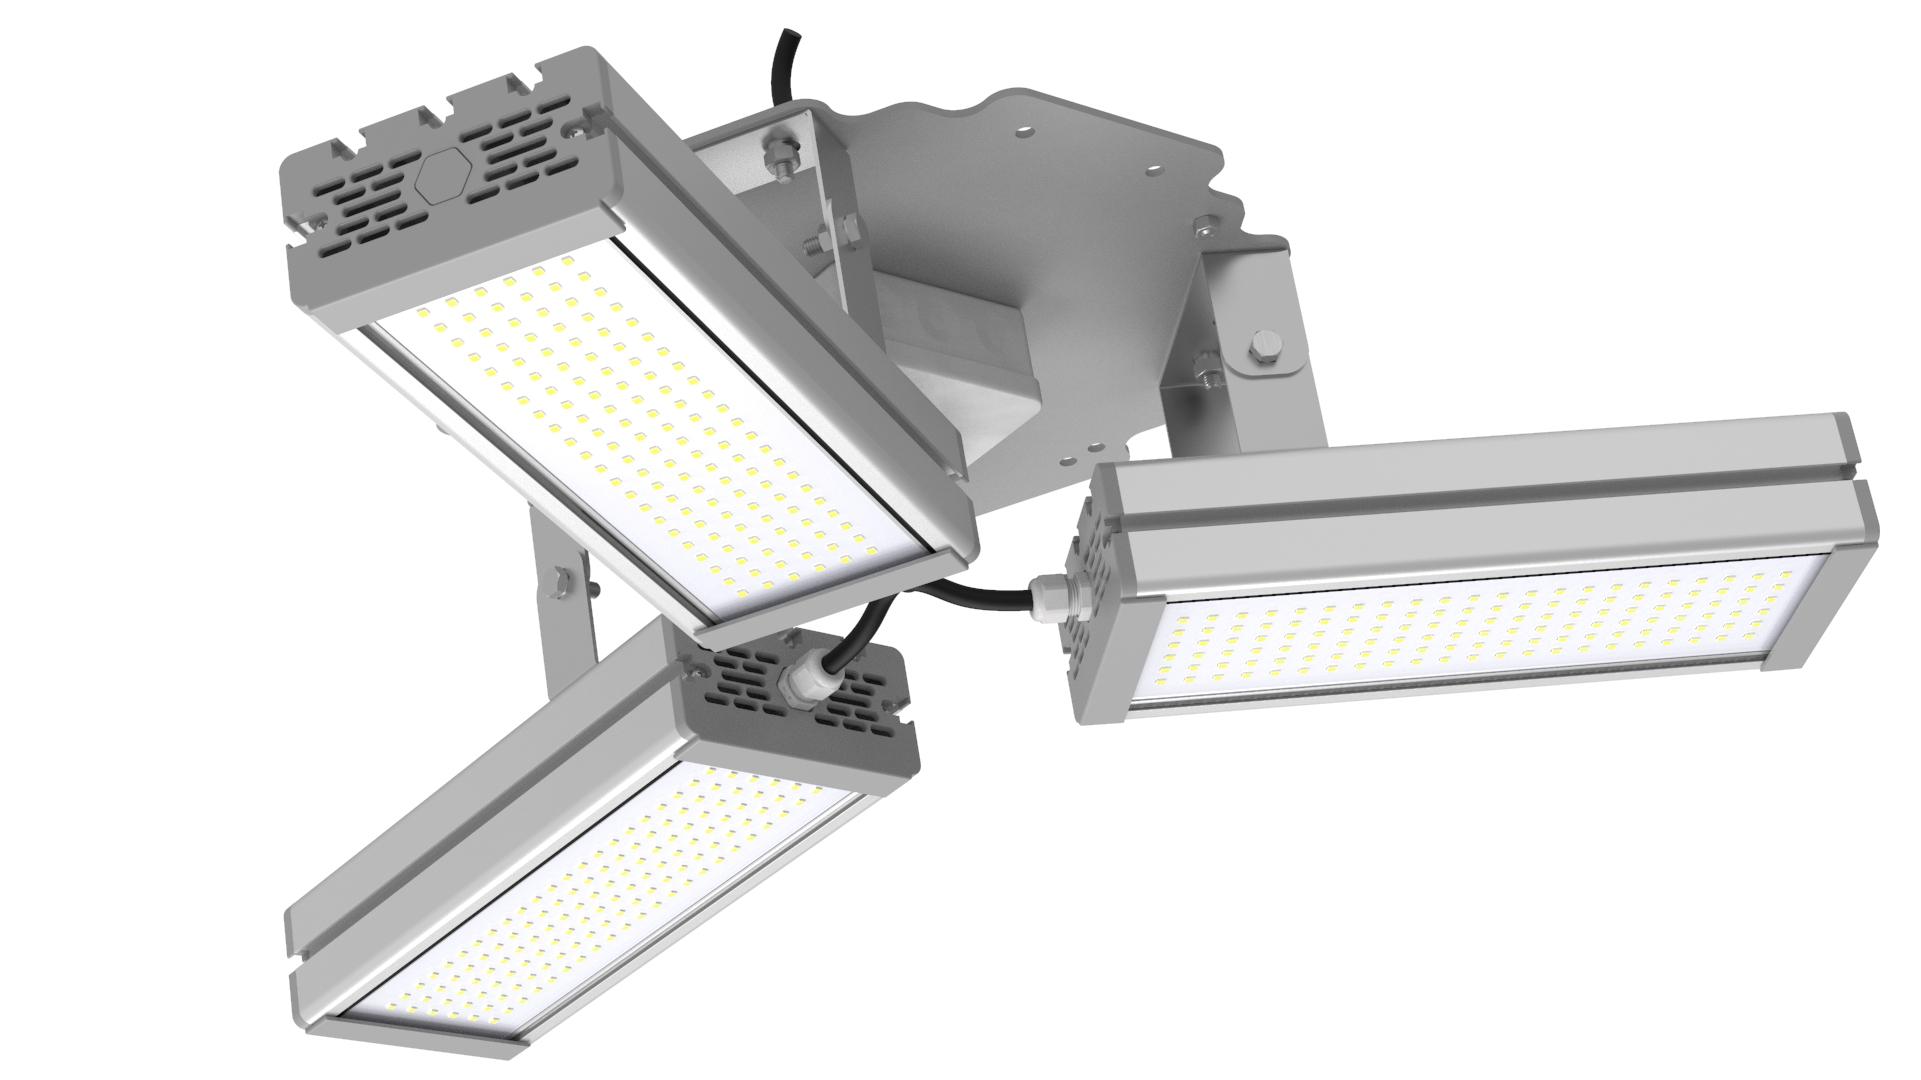 Светильник подвесной Ромашка High-Bay SVT-P-FLOWER-144Вт (с защитой от 380В, трос)